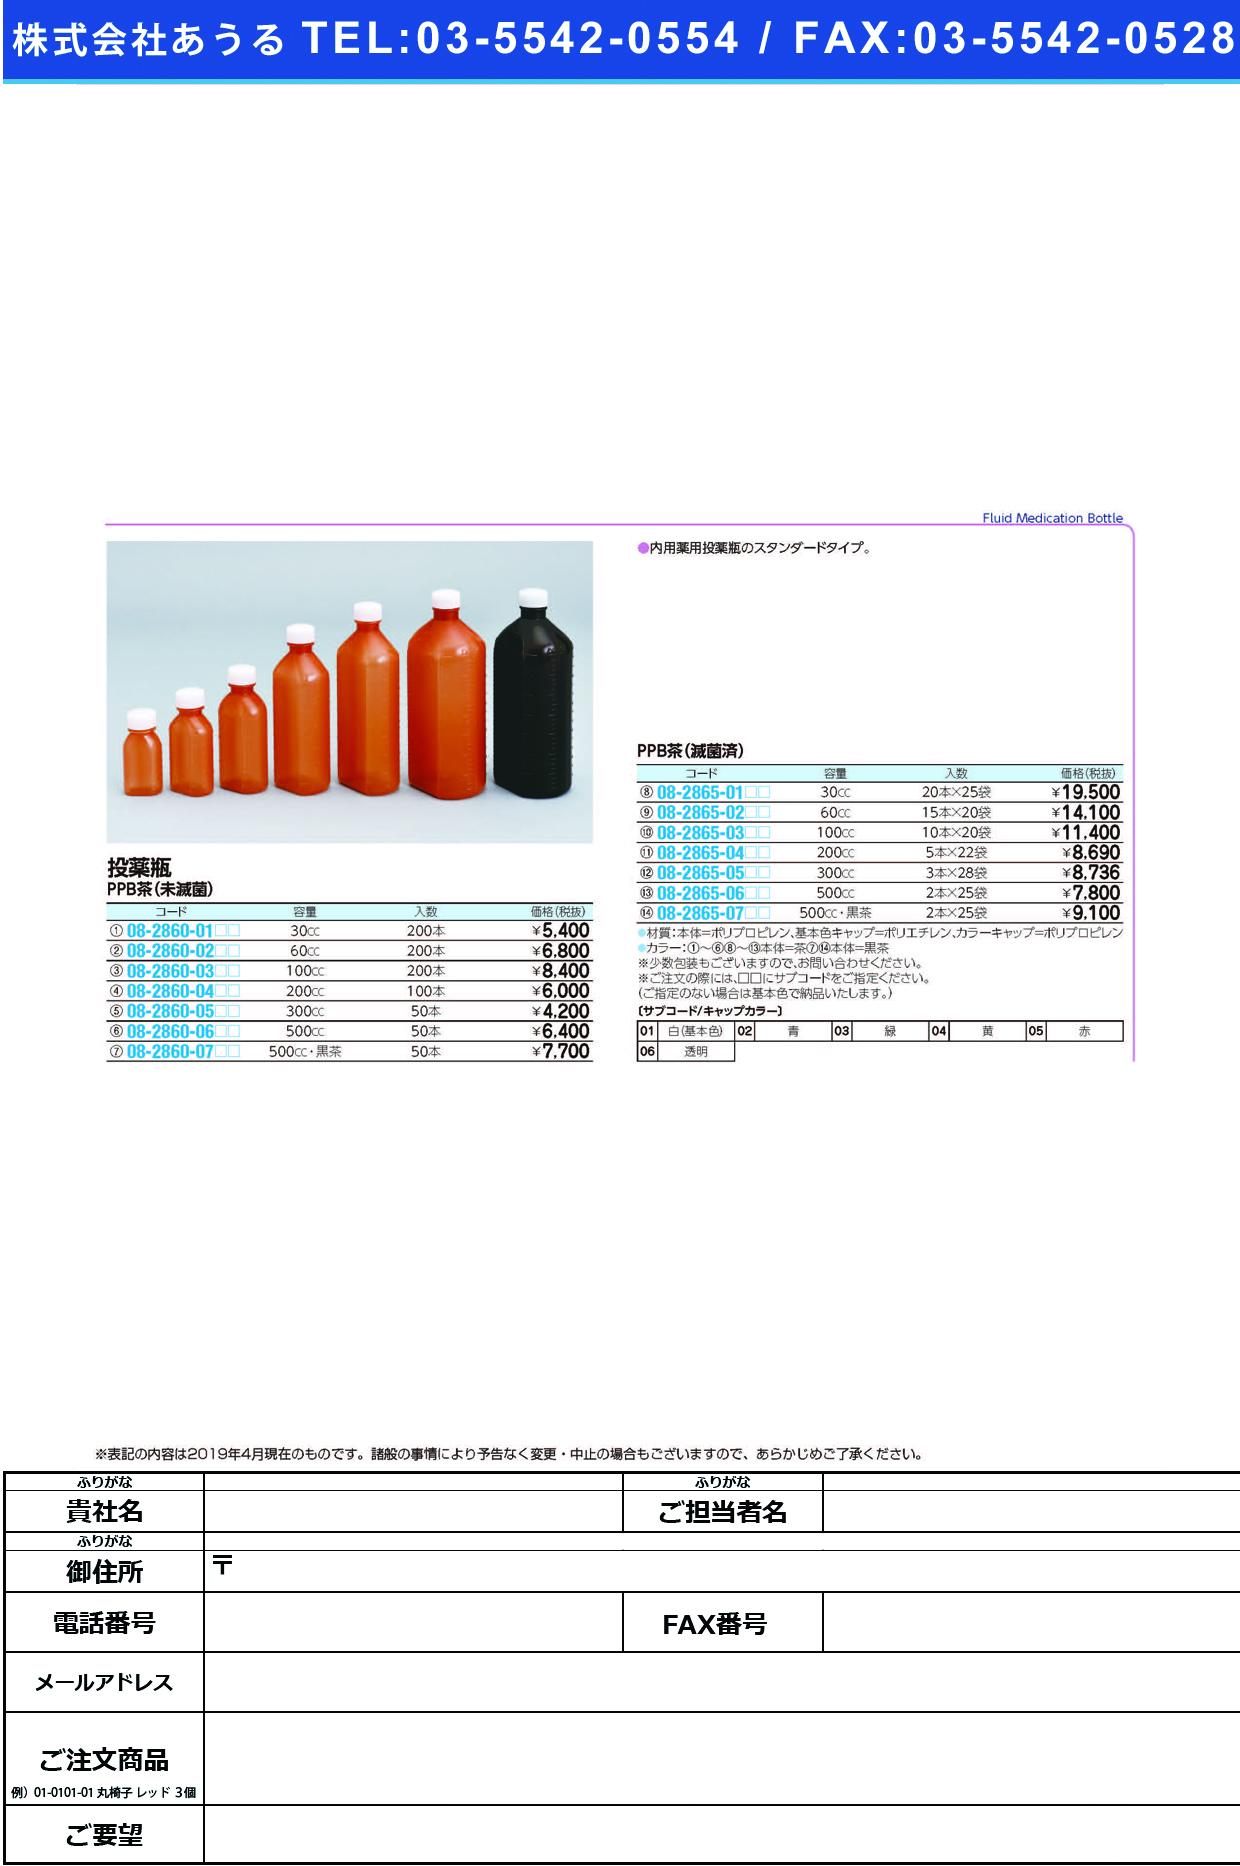 (08-2860-06)投薬瓶PPB茶(未滅菌) 500CC(50ポンイリ) トウヤクビンPPBチャ(ミメッキン) キャップ:白(基本色)(エムアイケミカル)【1梱単位】【2019年カタログ商品】